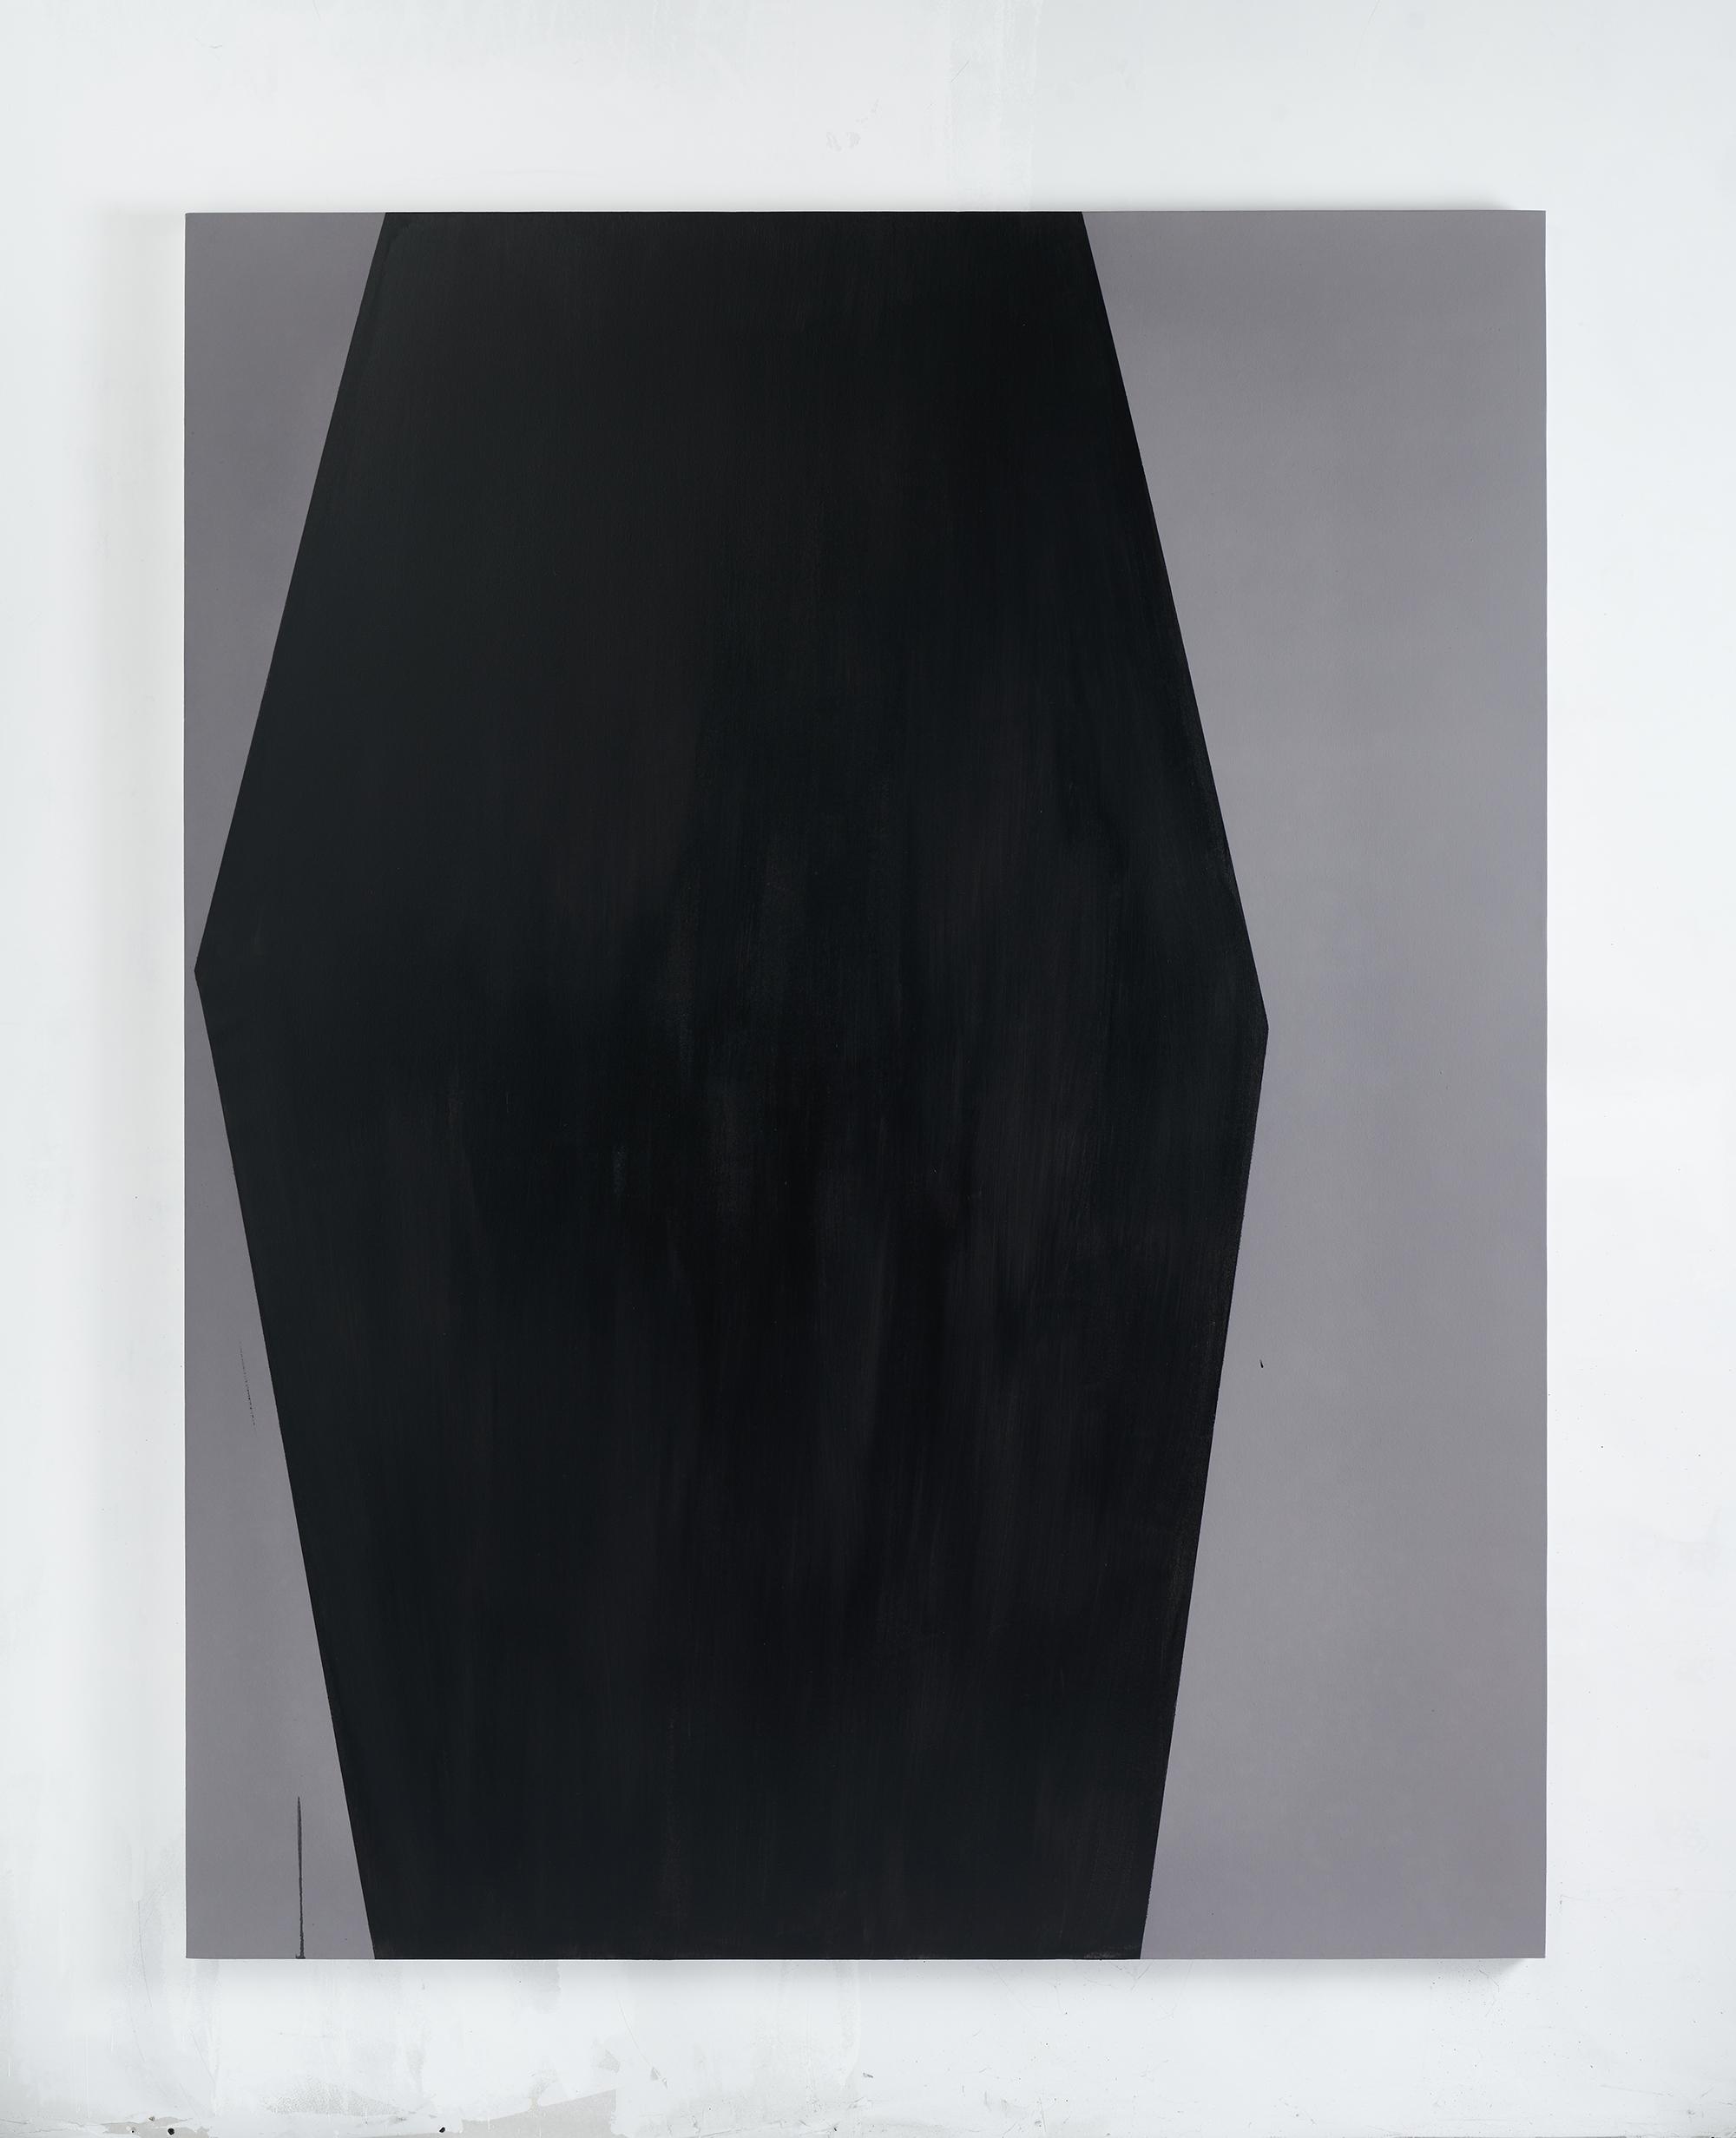 2. Michele Lombardelli, senza titolo, 2018, tempera su lino, 180x140cm